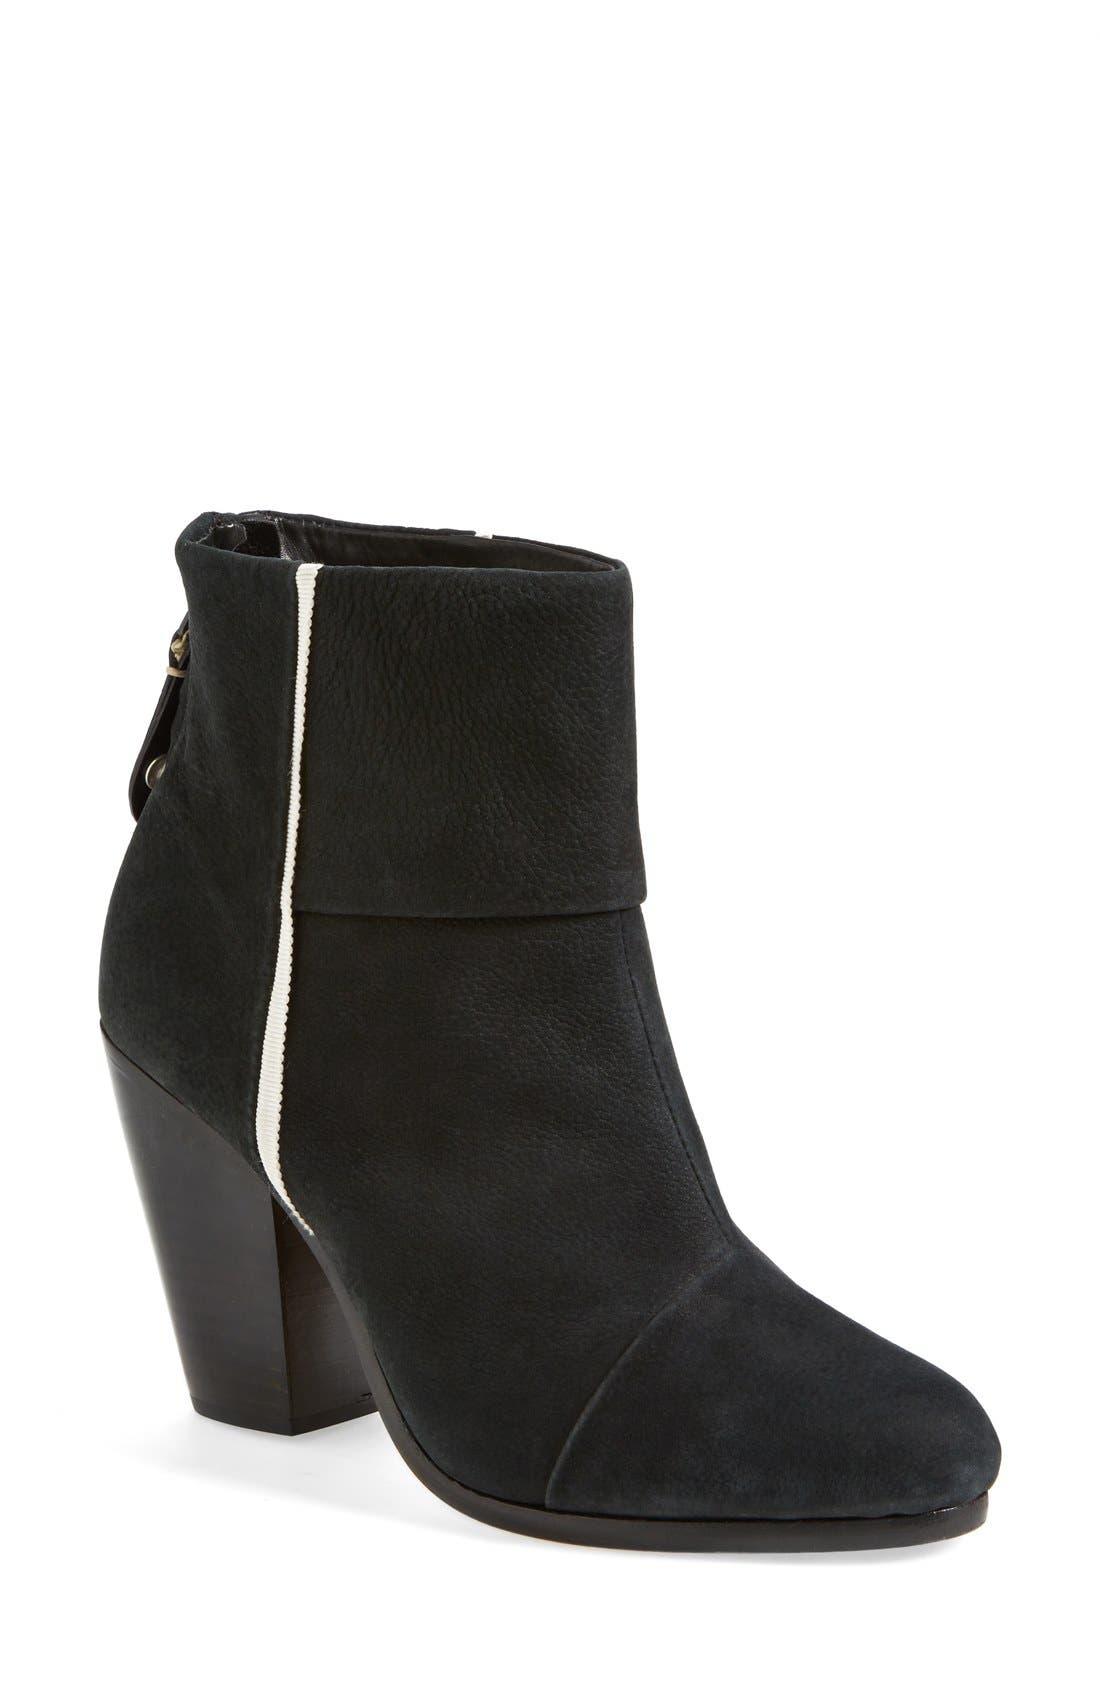 Main Image - rag & bone 'Classic Newbury' Boot